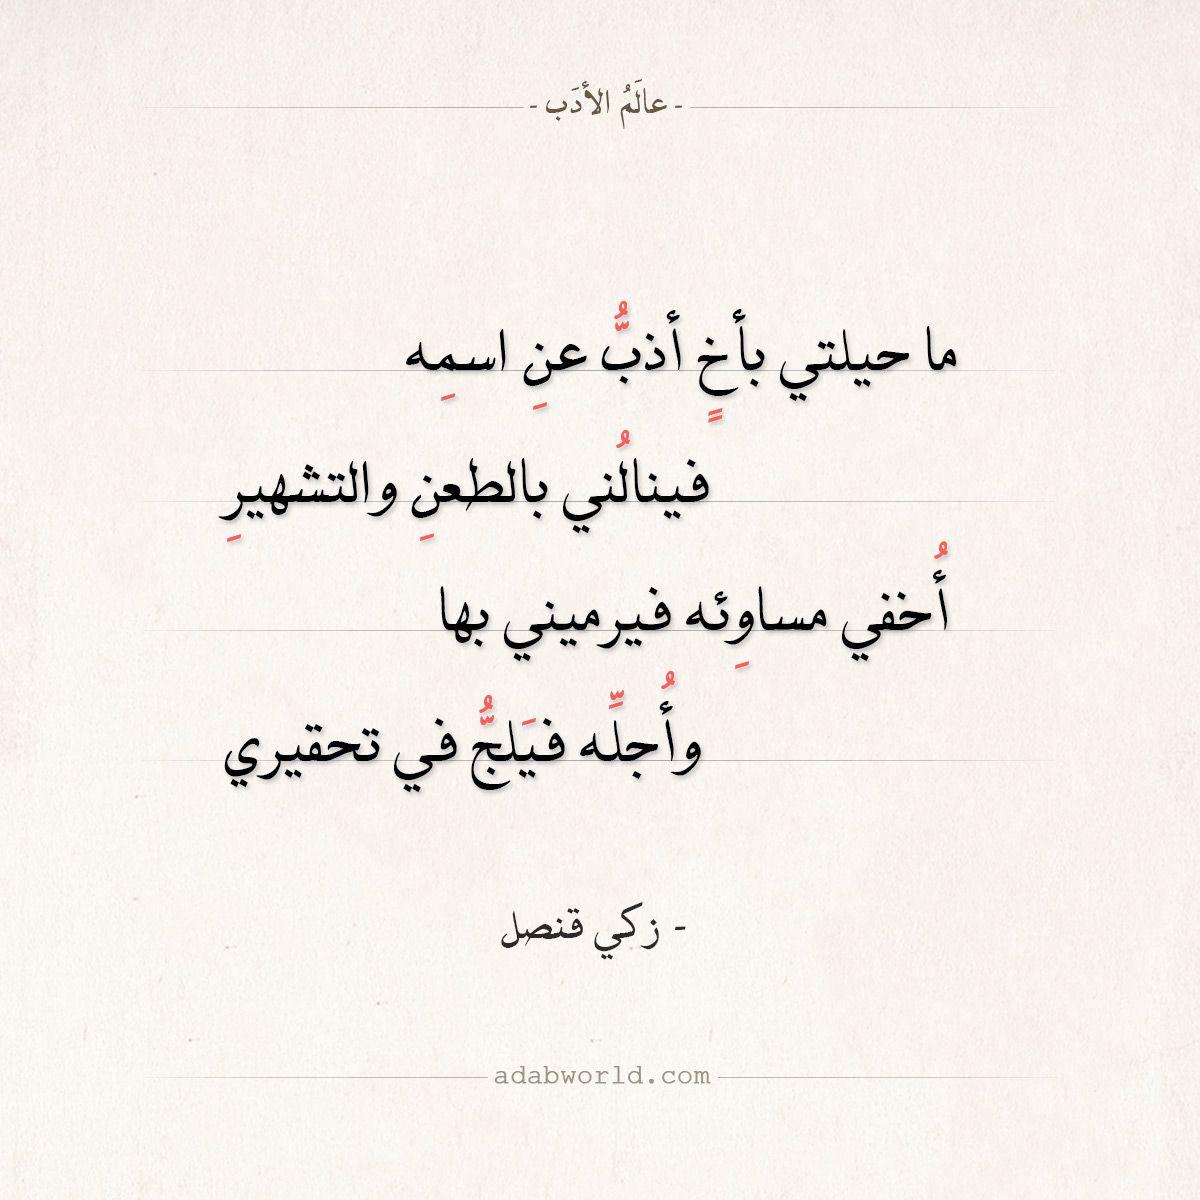 شعر زكي قنصل ما حيلتي بأخ أذب عن اسمه عالم الأدب Romantic Songs Video Romantic Songs Arabic Poetry